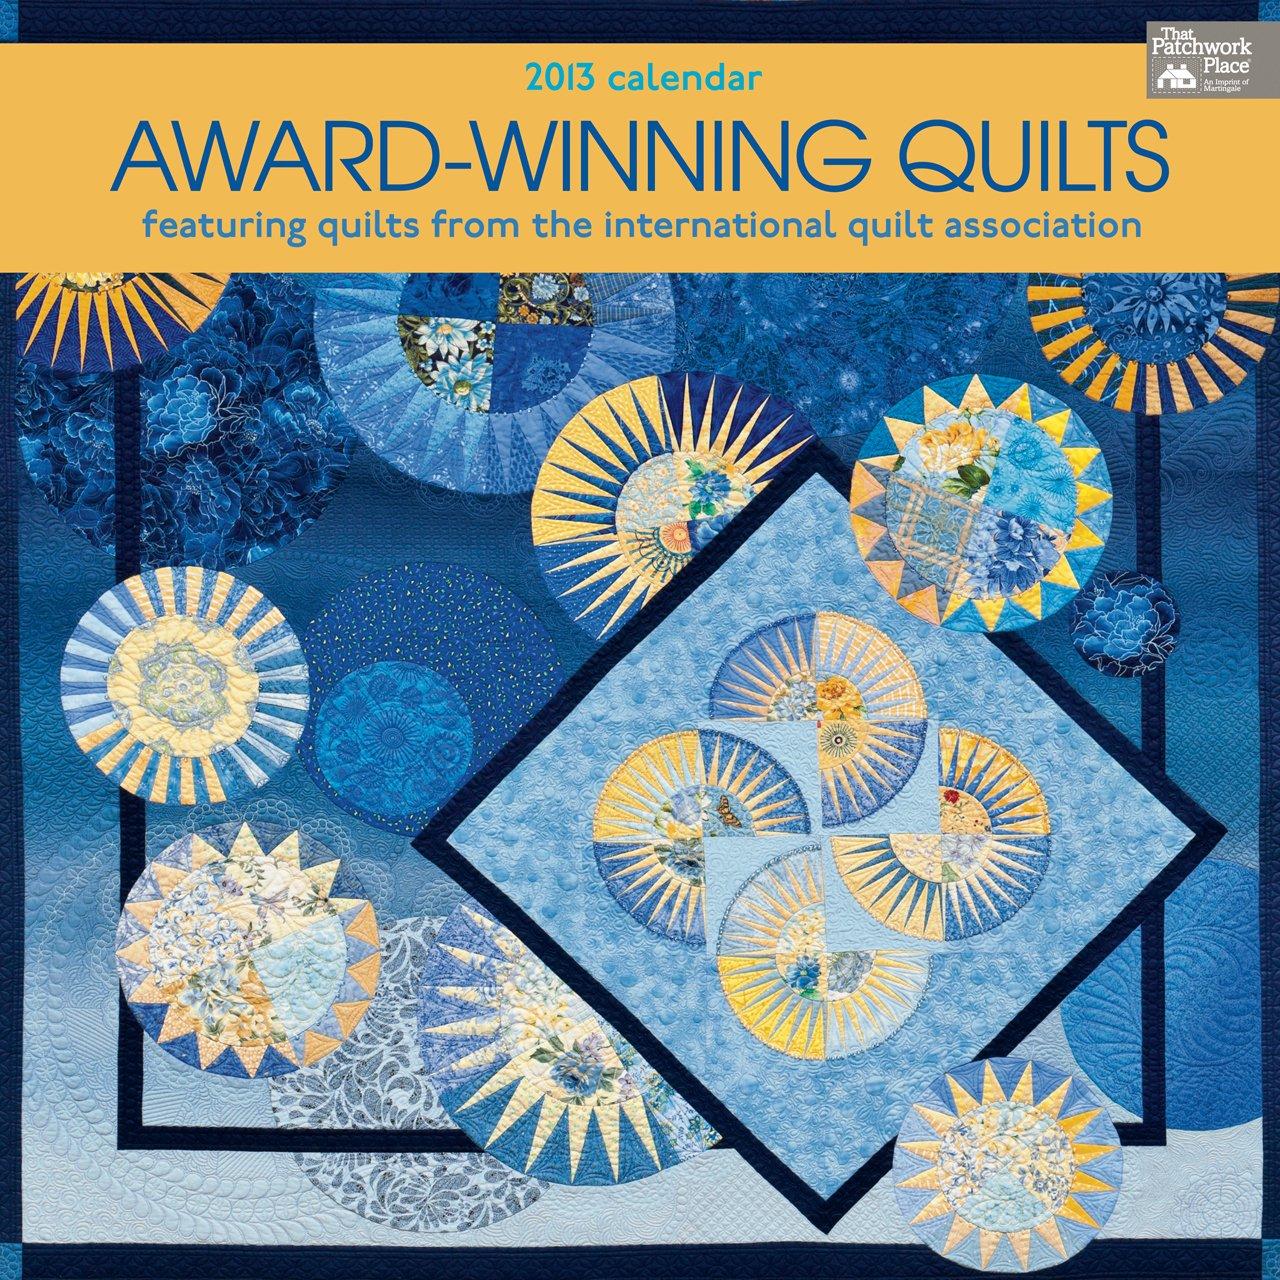 Award-Winning Quilts 2013 Calendar: Featuring Quilts from International Quilt Association Calendar – August 13, 2012 Various That Patchwork Place 1604681934 Calendars & Diaries